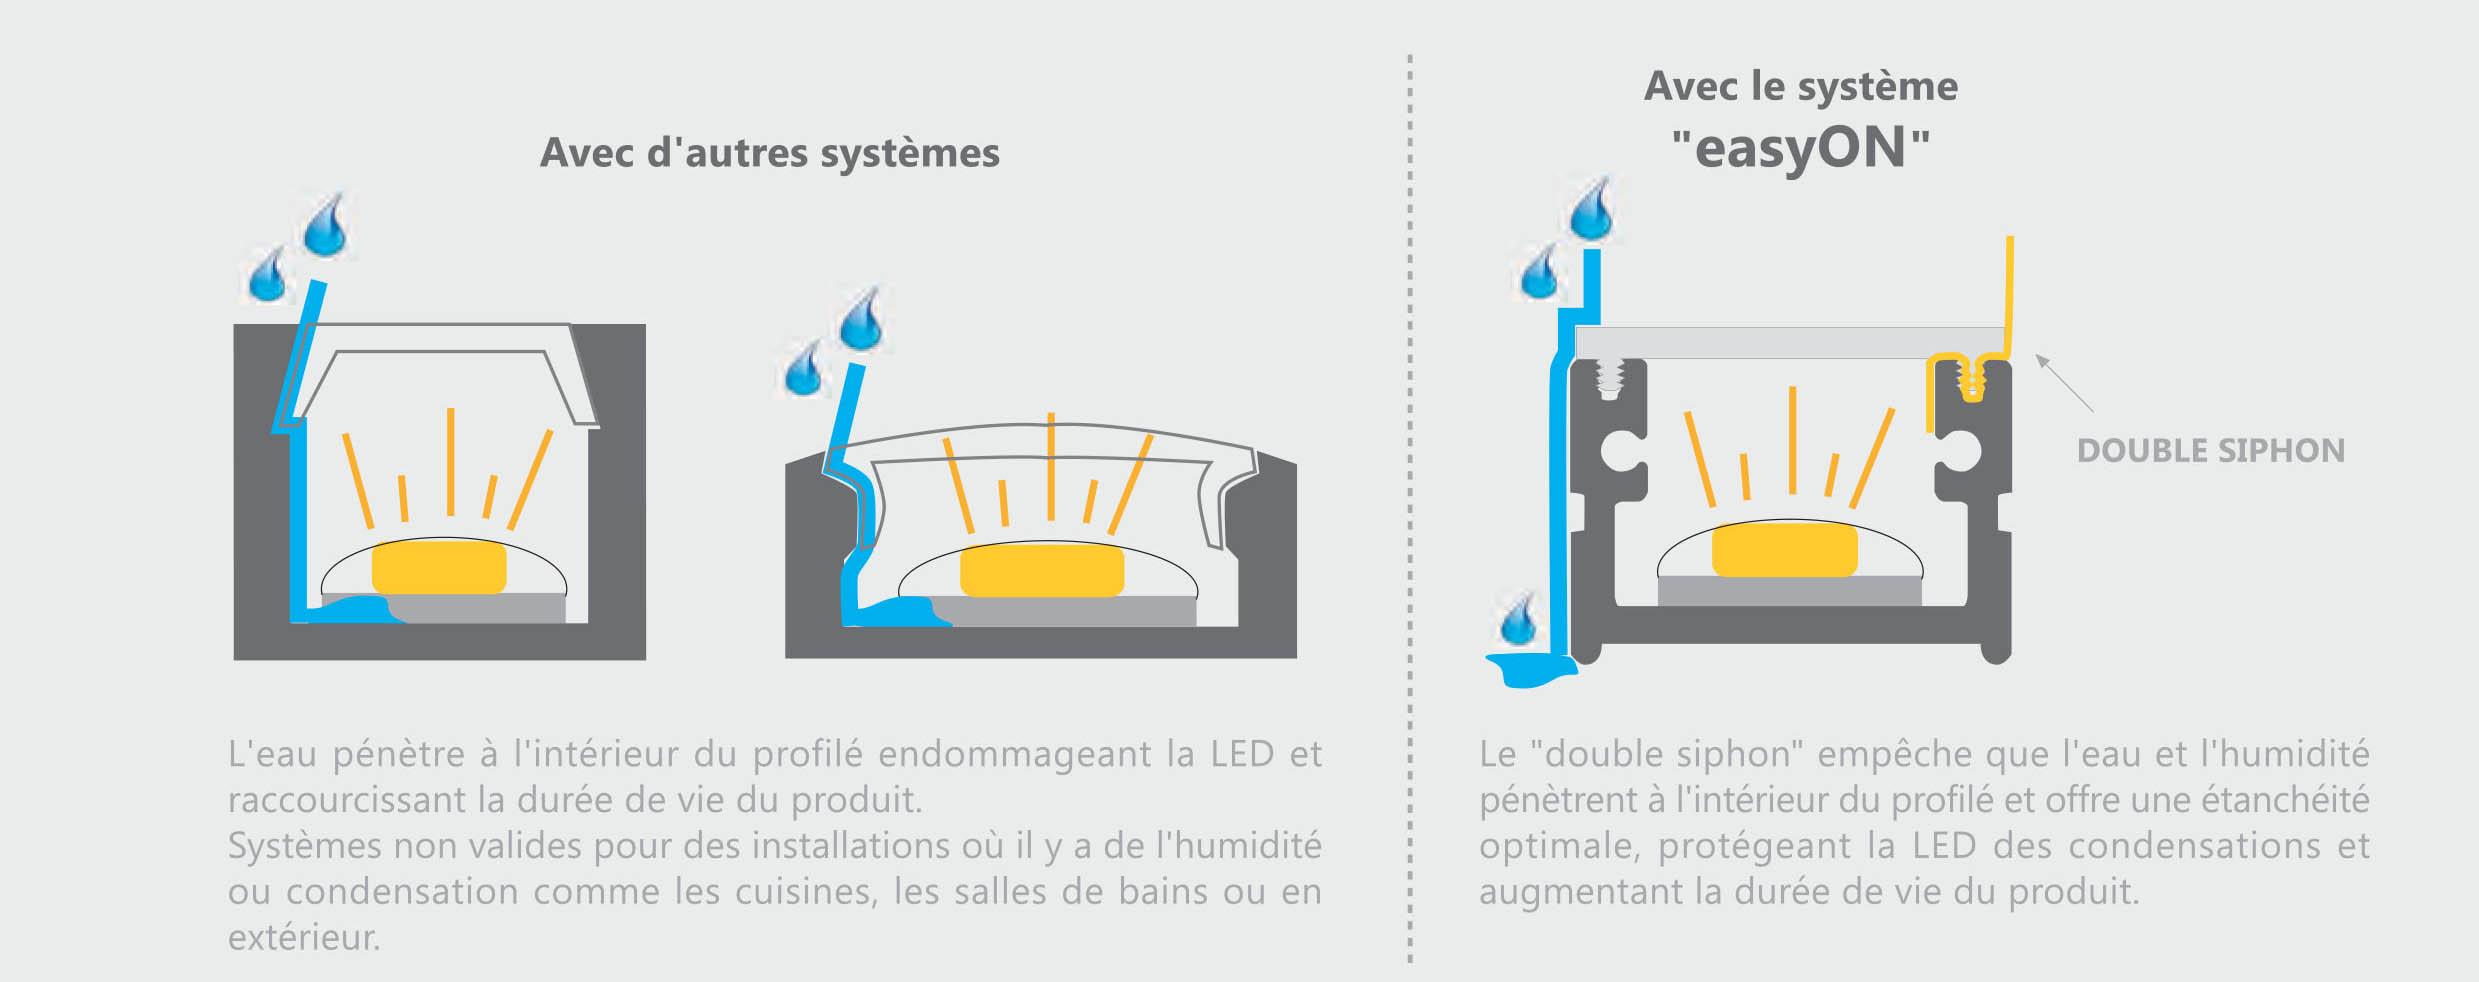 Eclairage Solaire Pour Tonnelle profilé aluminium led extérieur ip 65 pergola 2 mètres 960 lumens